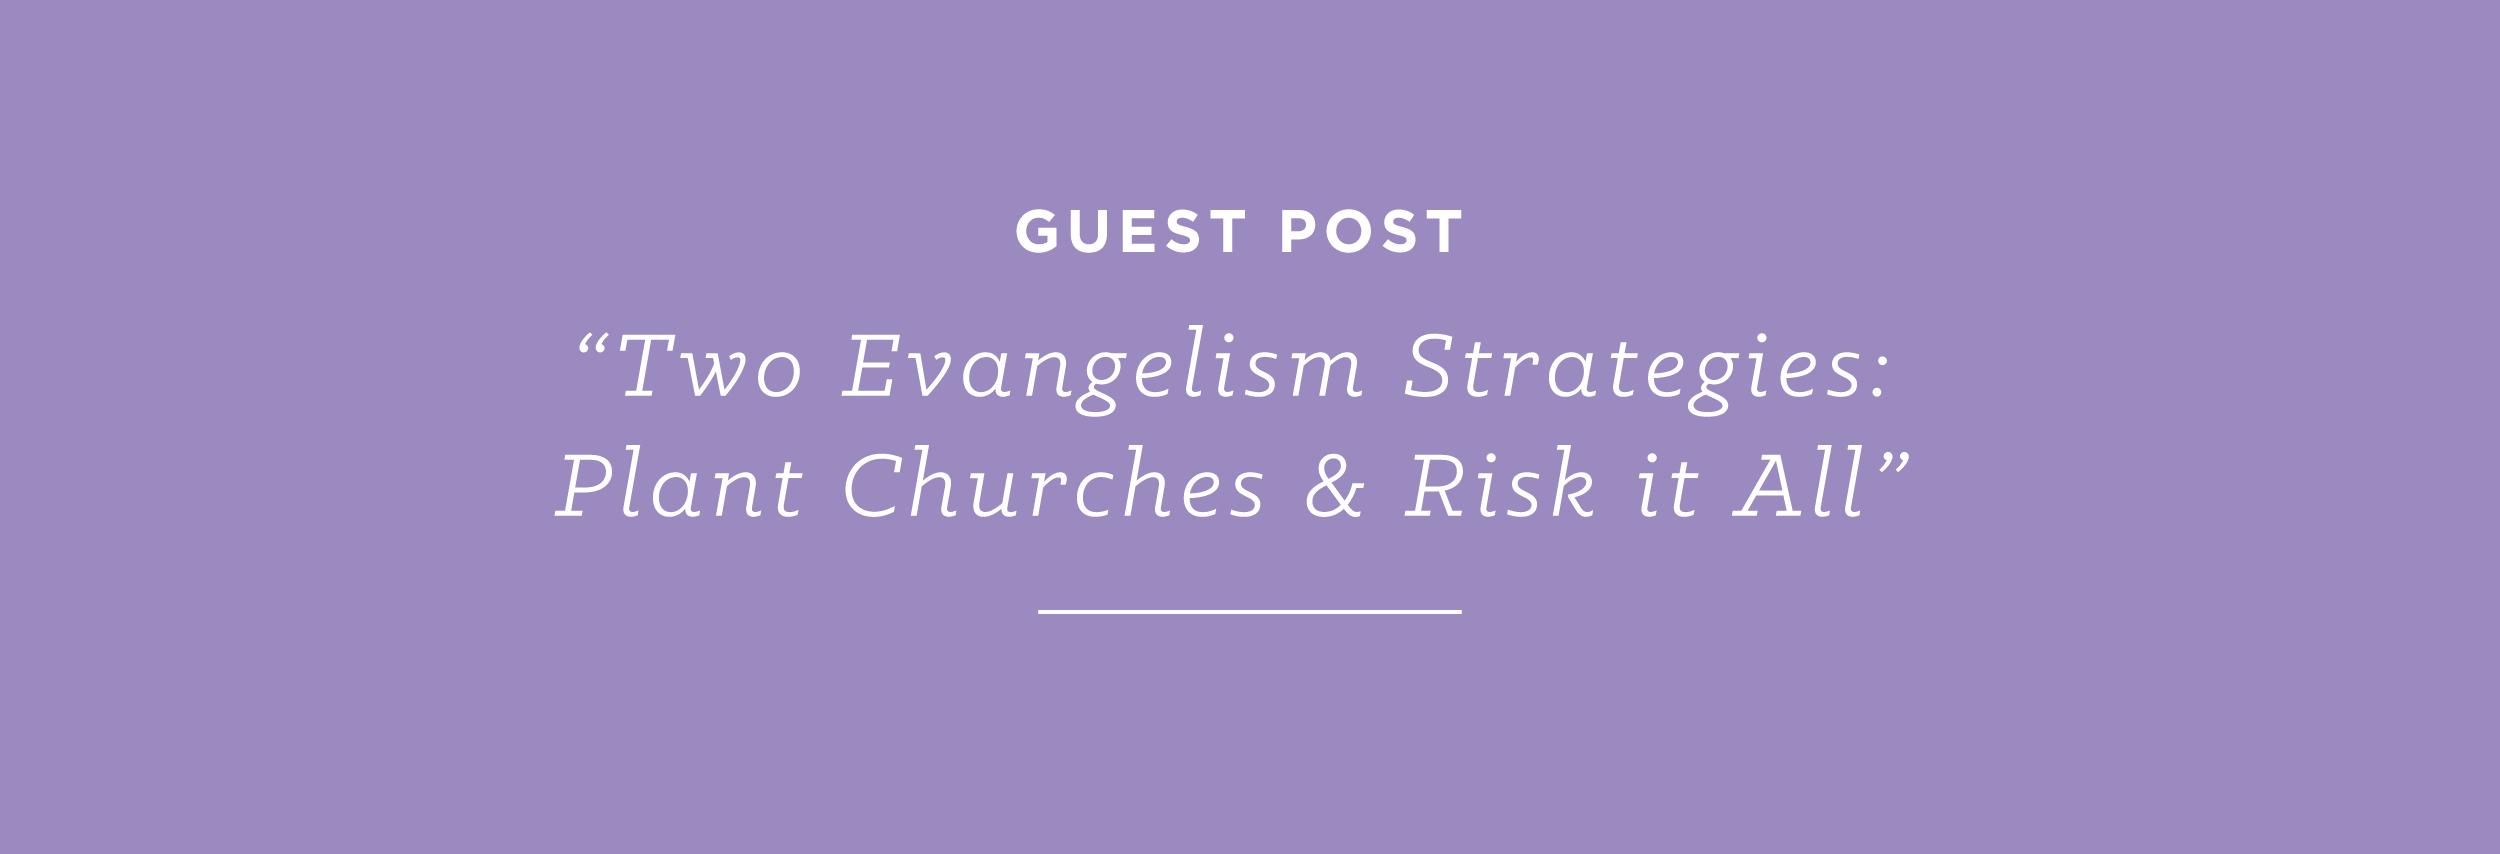 evangelism_banner.png